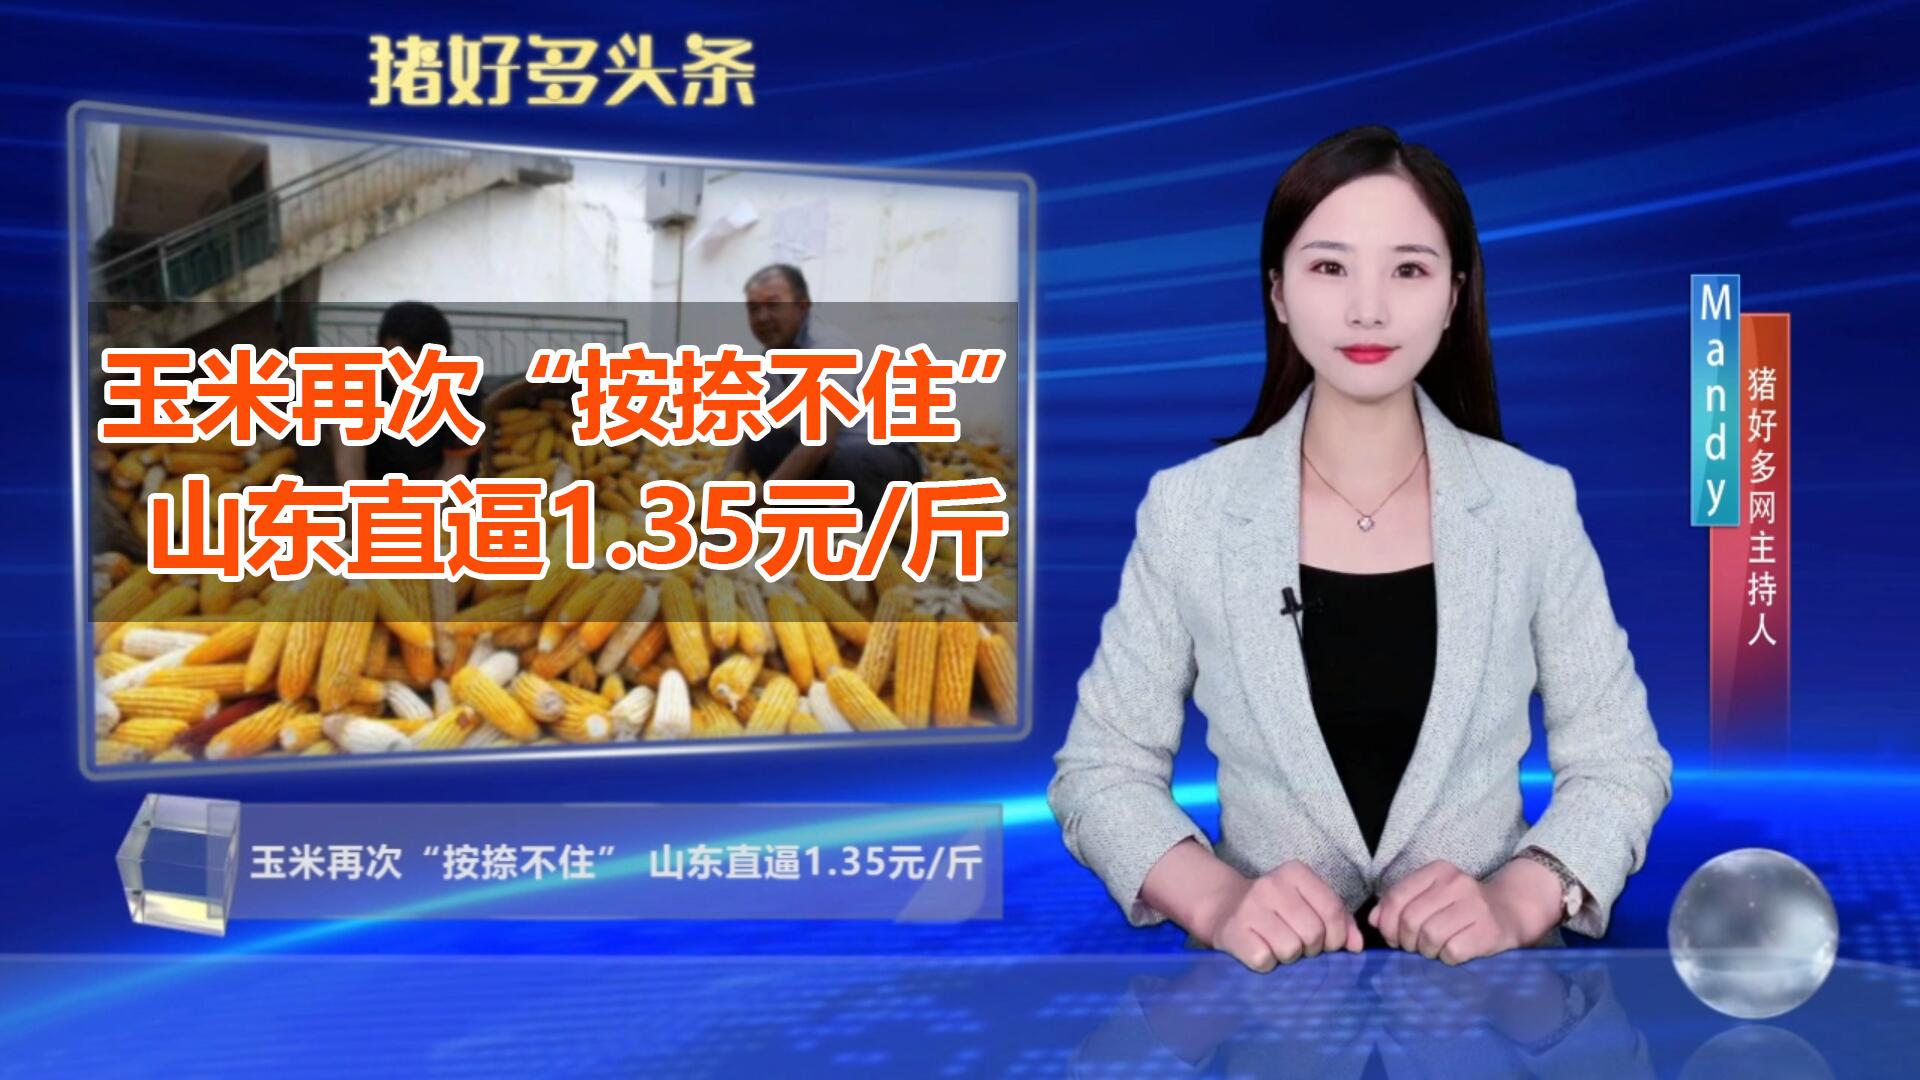 """玉米再次""""按捺不住"""",山东直逼1.35元/斤,该屯粮还是买粮?"""